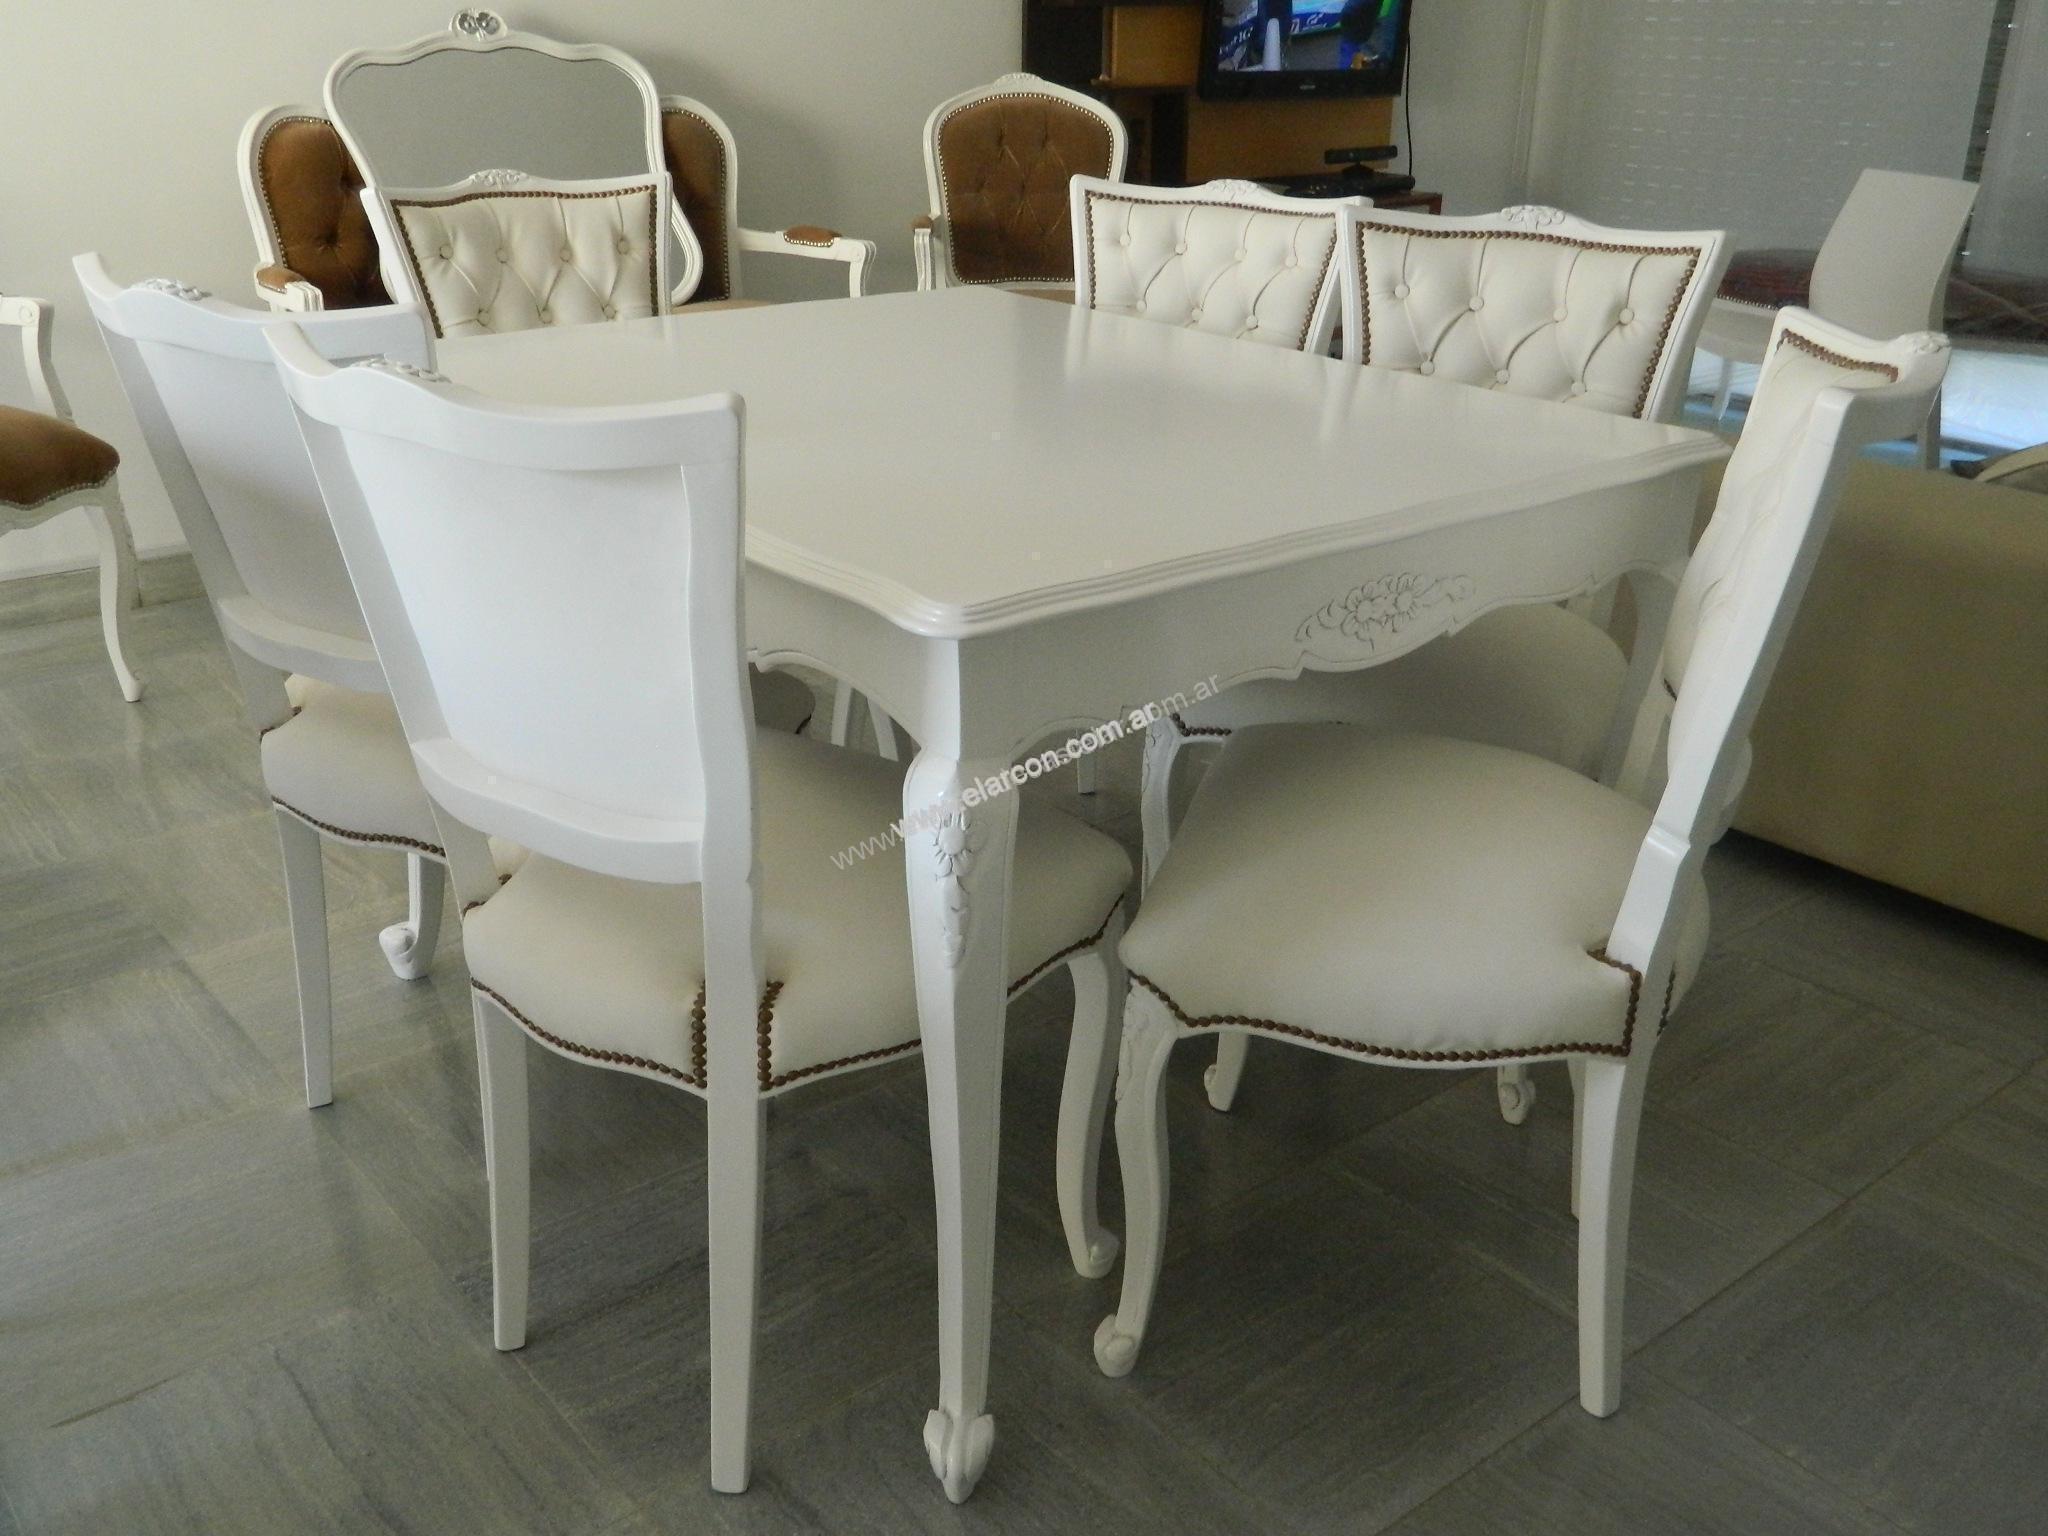 Juego de comedor provenzal blanco mesa 1 40mts el arc n for Juego de comedor de cocina